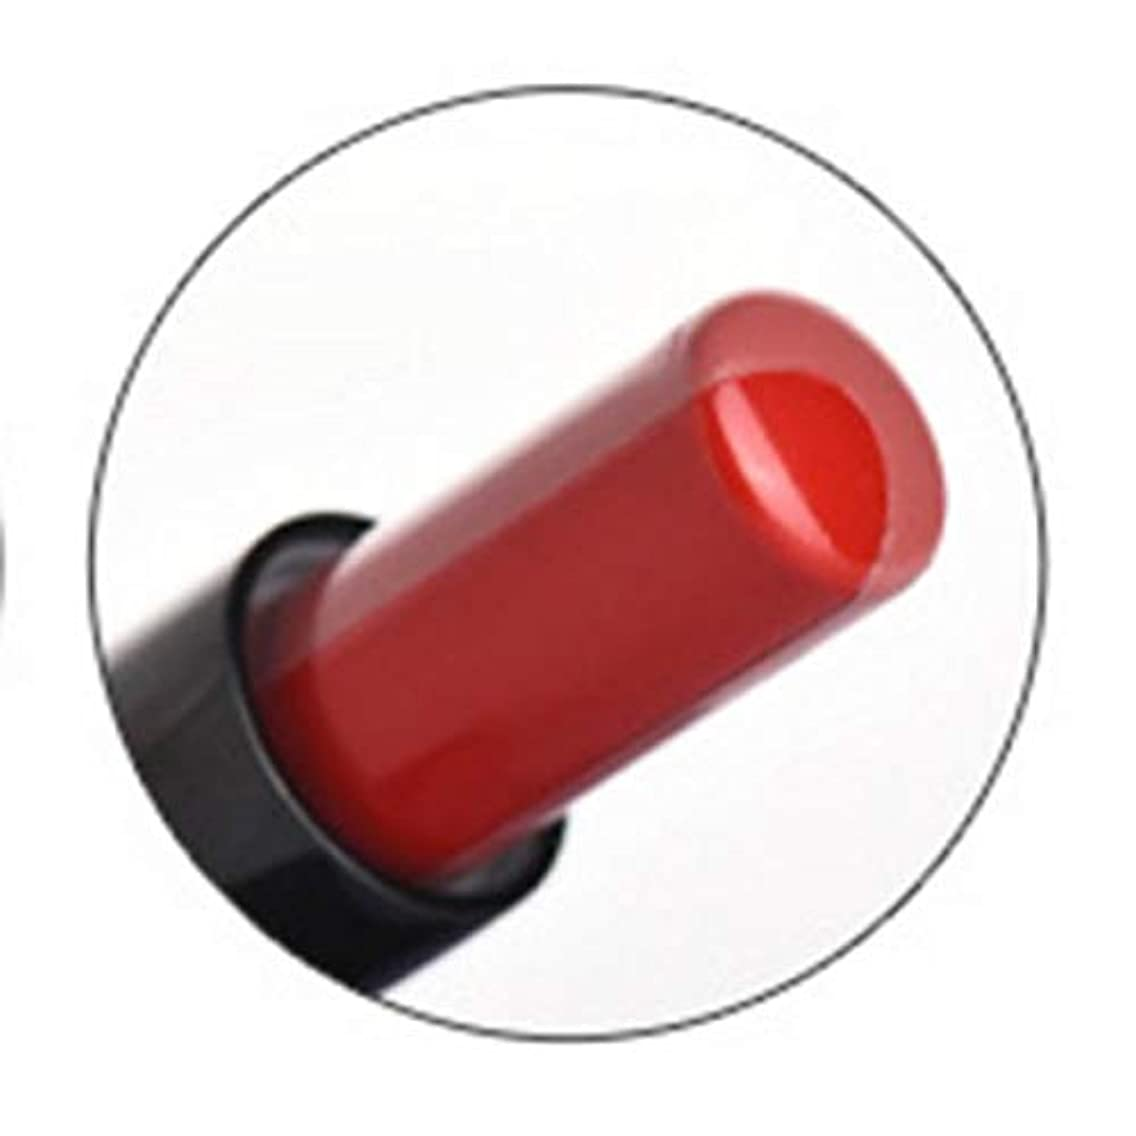 支配する出費メルボルンYoshilimen ファッションリップスティック新しい口紅口紅口紅(None A)